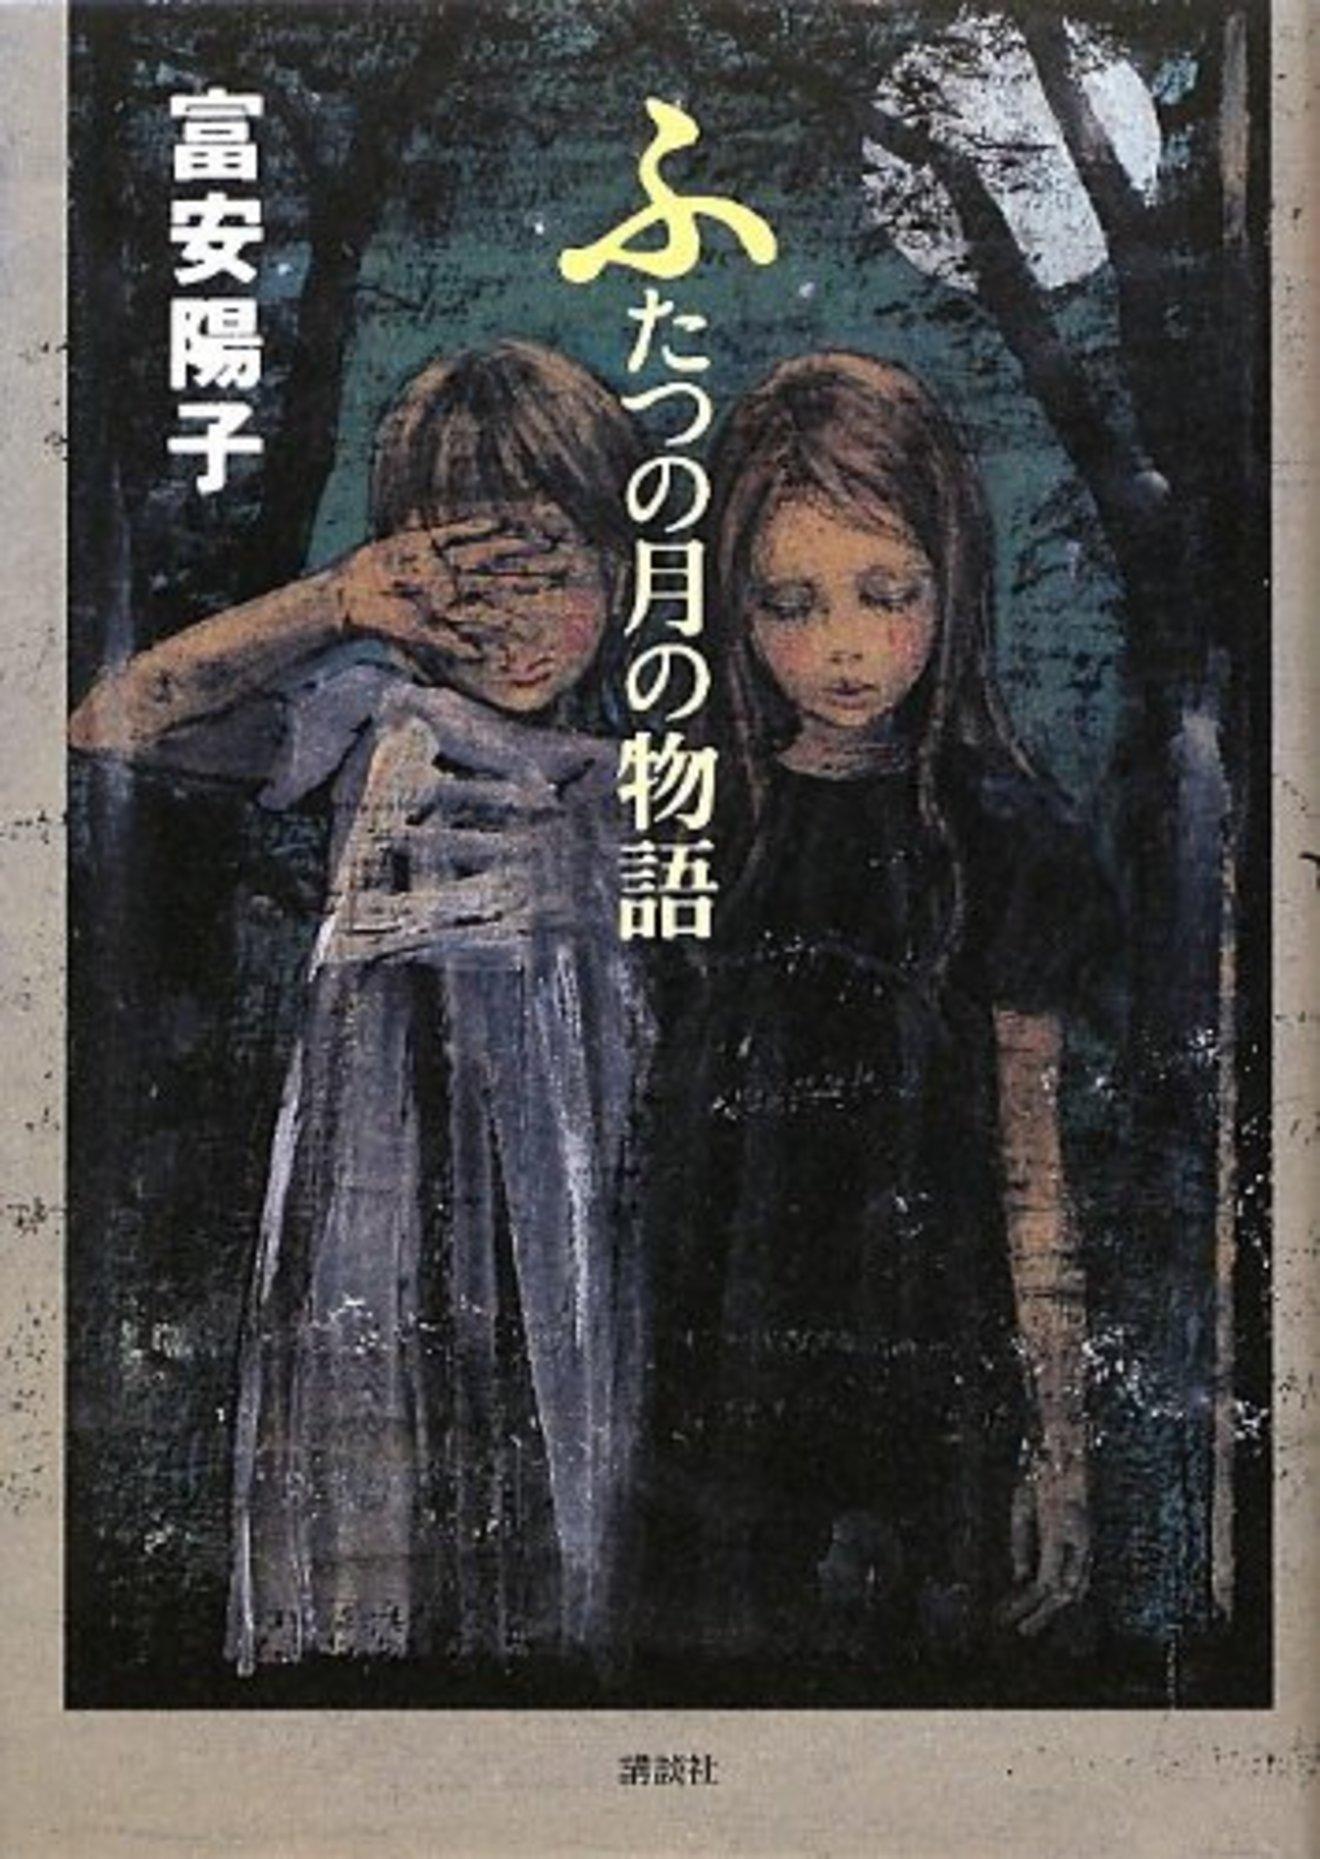 富安陽子のおすすめ絵本・児童書5選!妖気漂うファンタジーが魅力